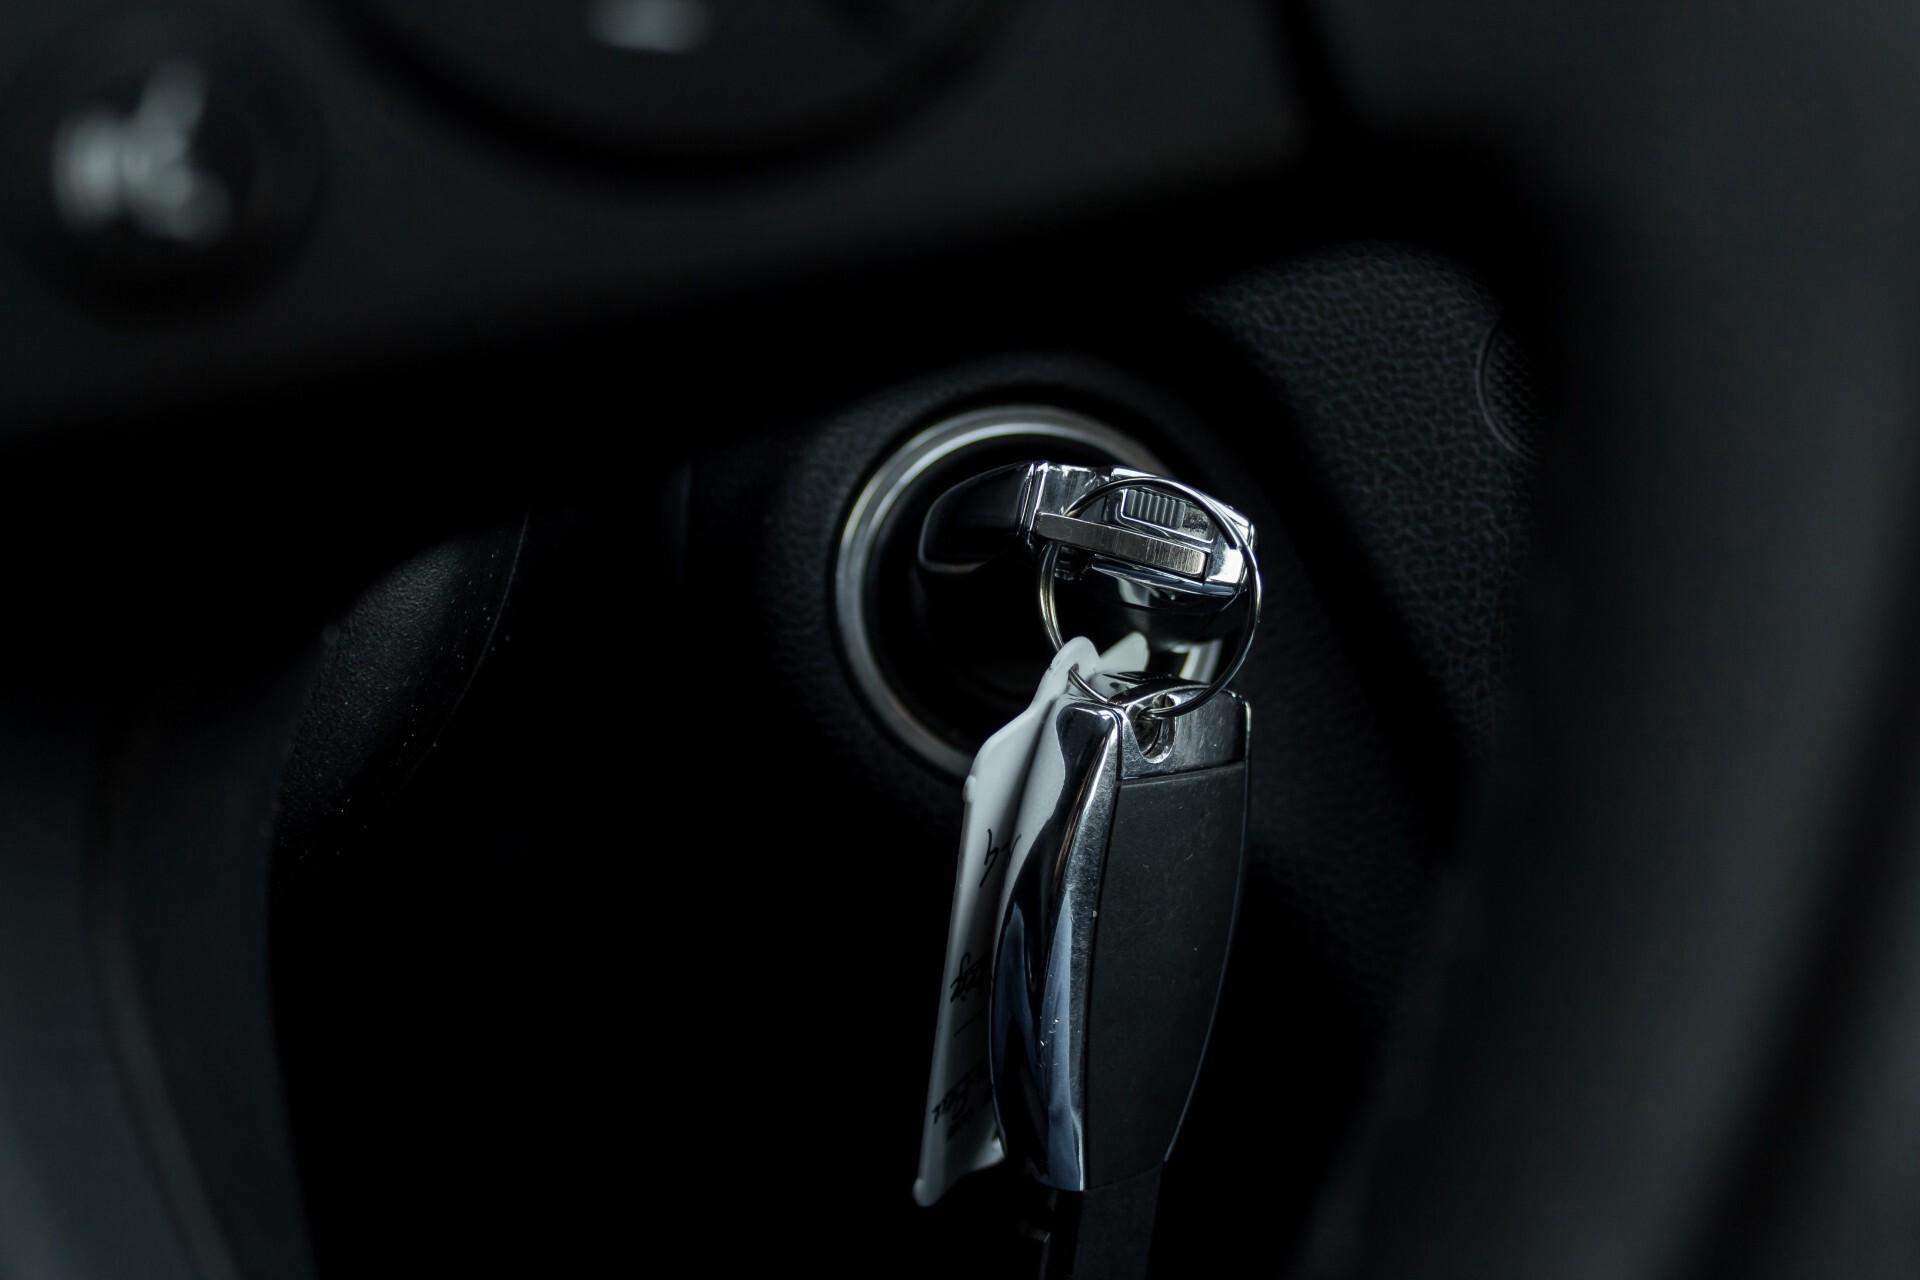 Mercedes-Benz C-Klasse 180 K Avantgarde 1ste eigenaar/NL geleverd/Dealer onderhouden/Volledig gedocumenteerd Foto 12